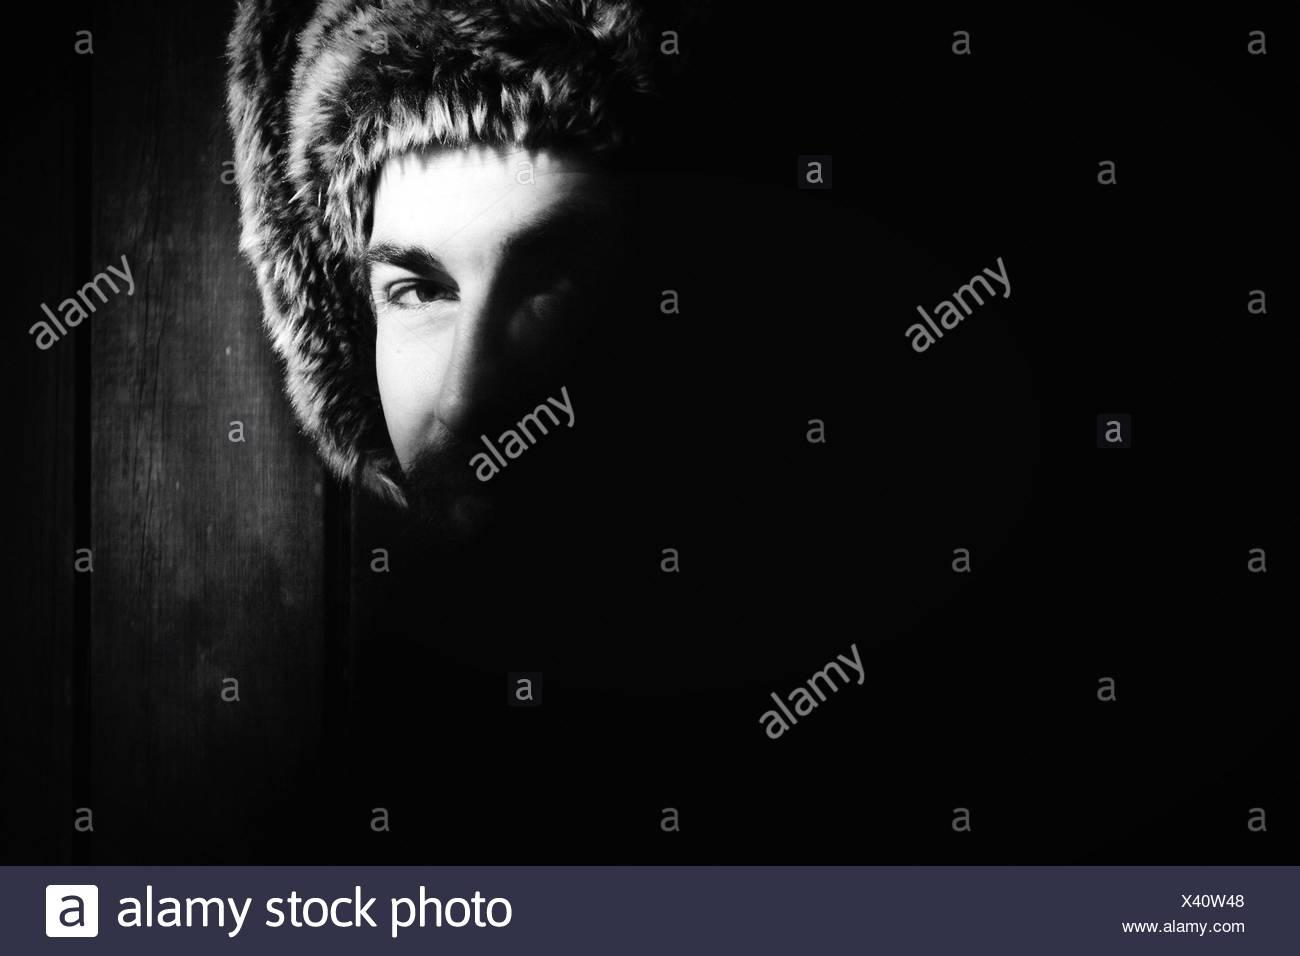 Ritratto di uomo con pelliccia testa di cappone Immagini Stock